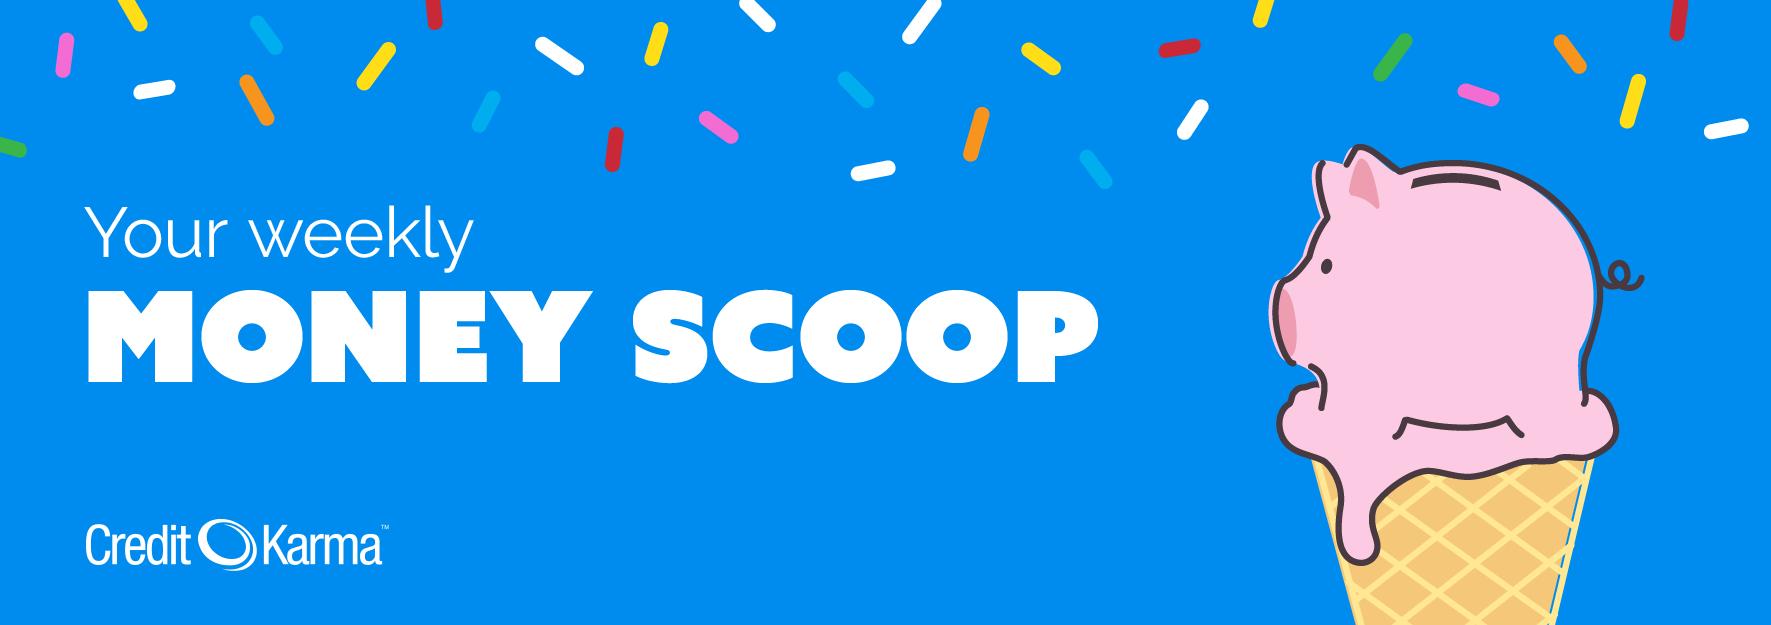 Your weekly money scoop: October 7, 2016